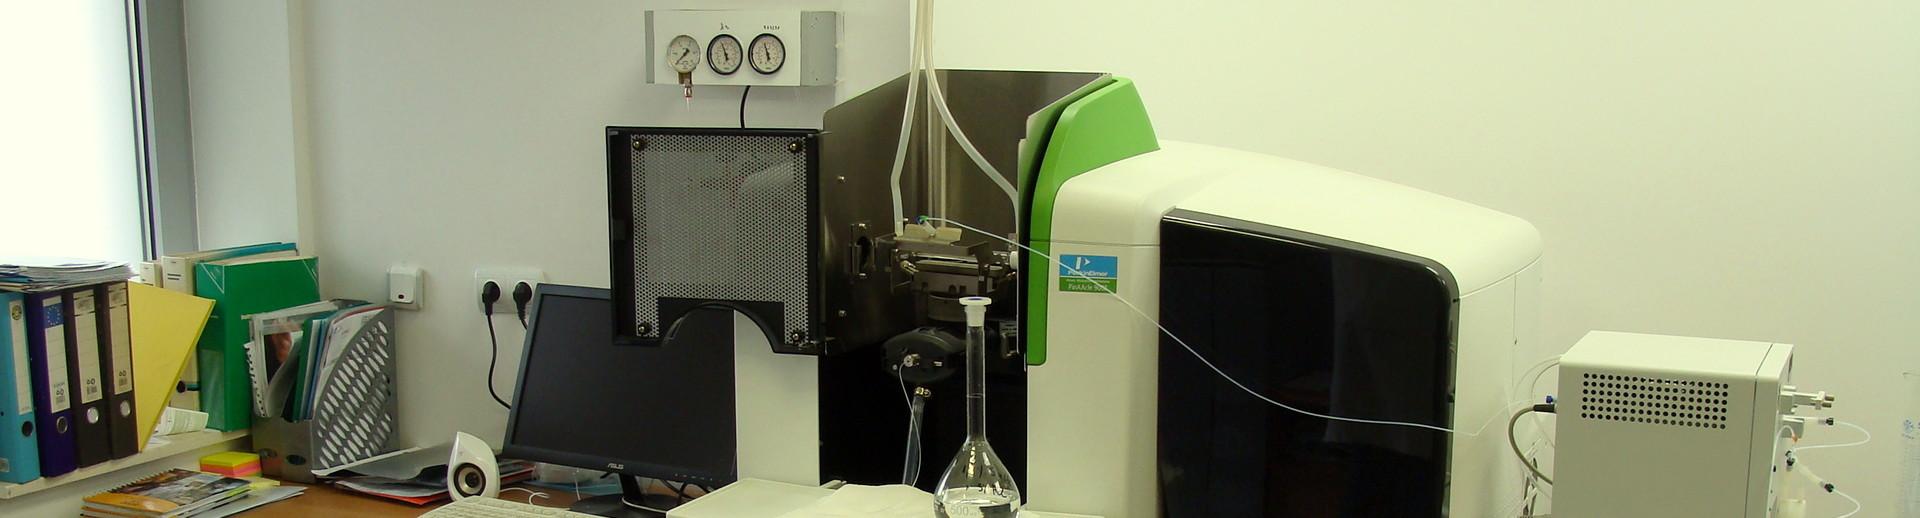 Лабораторията разполага със съвременна и модерна апаратура.